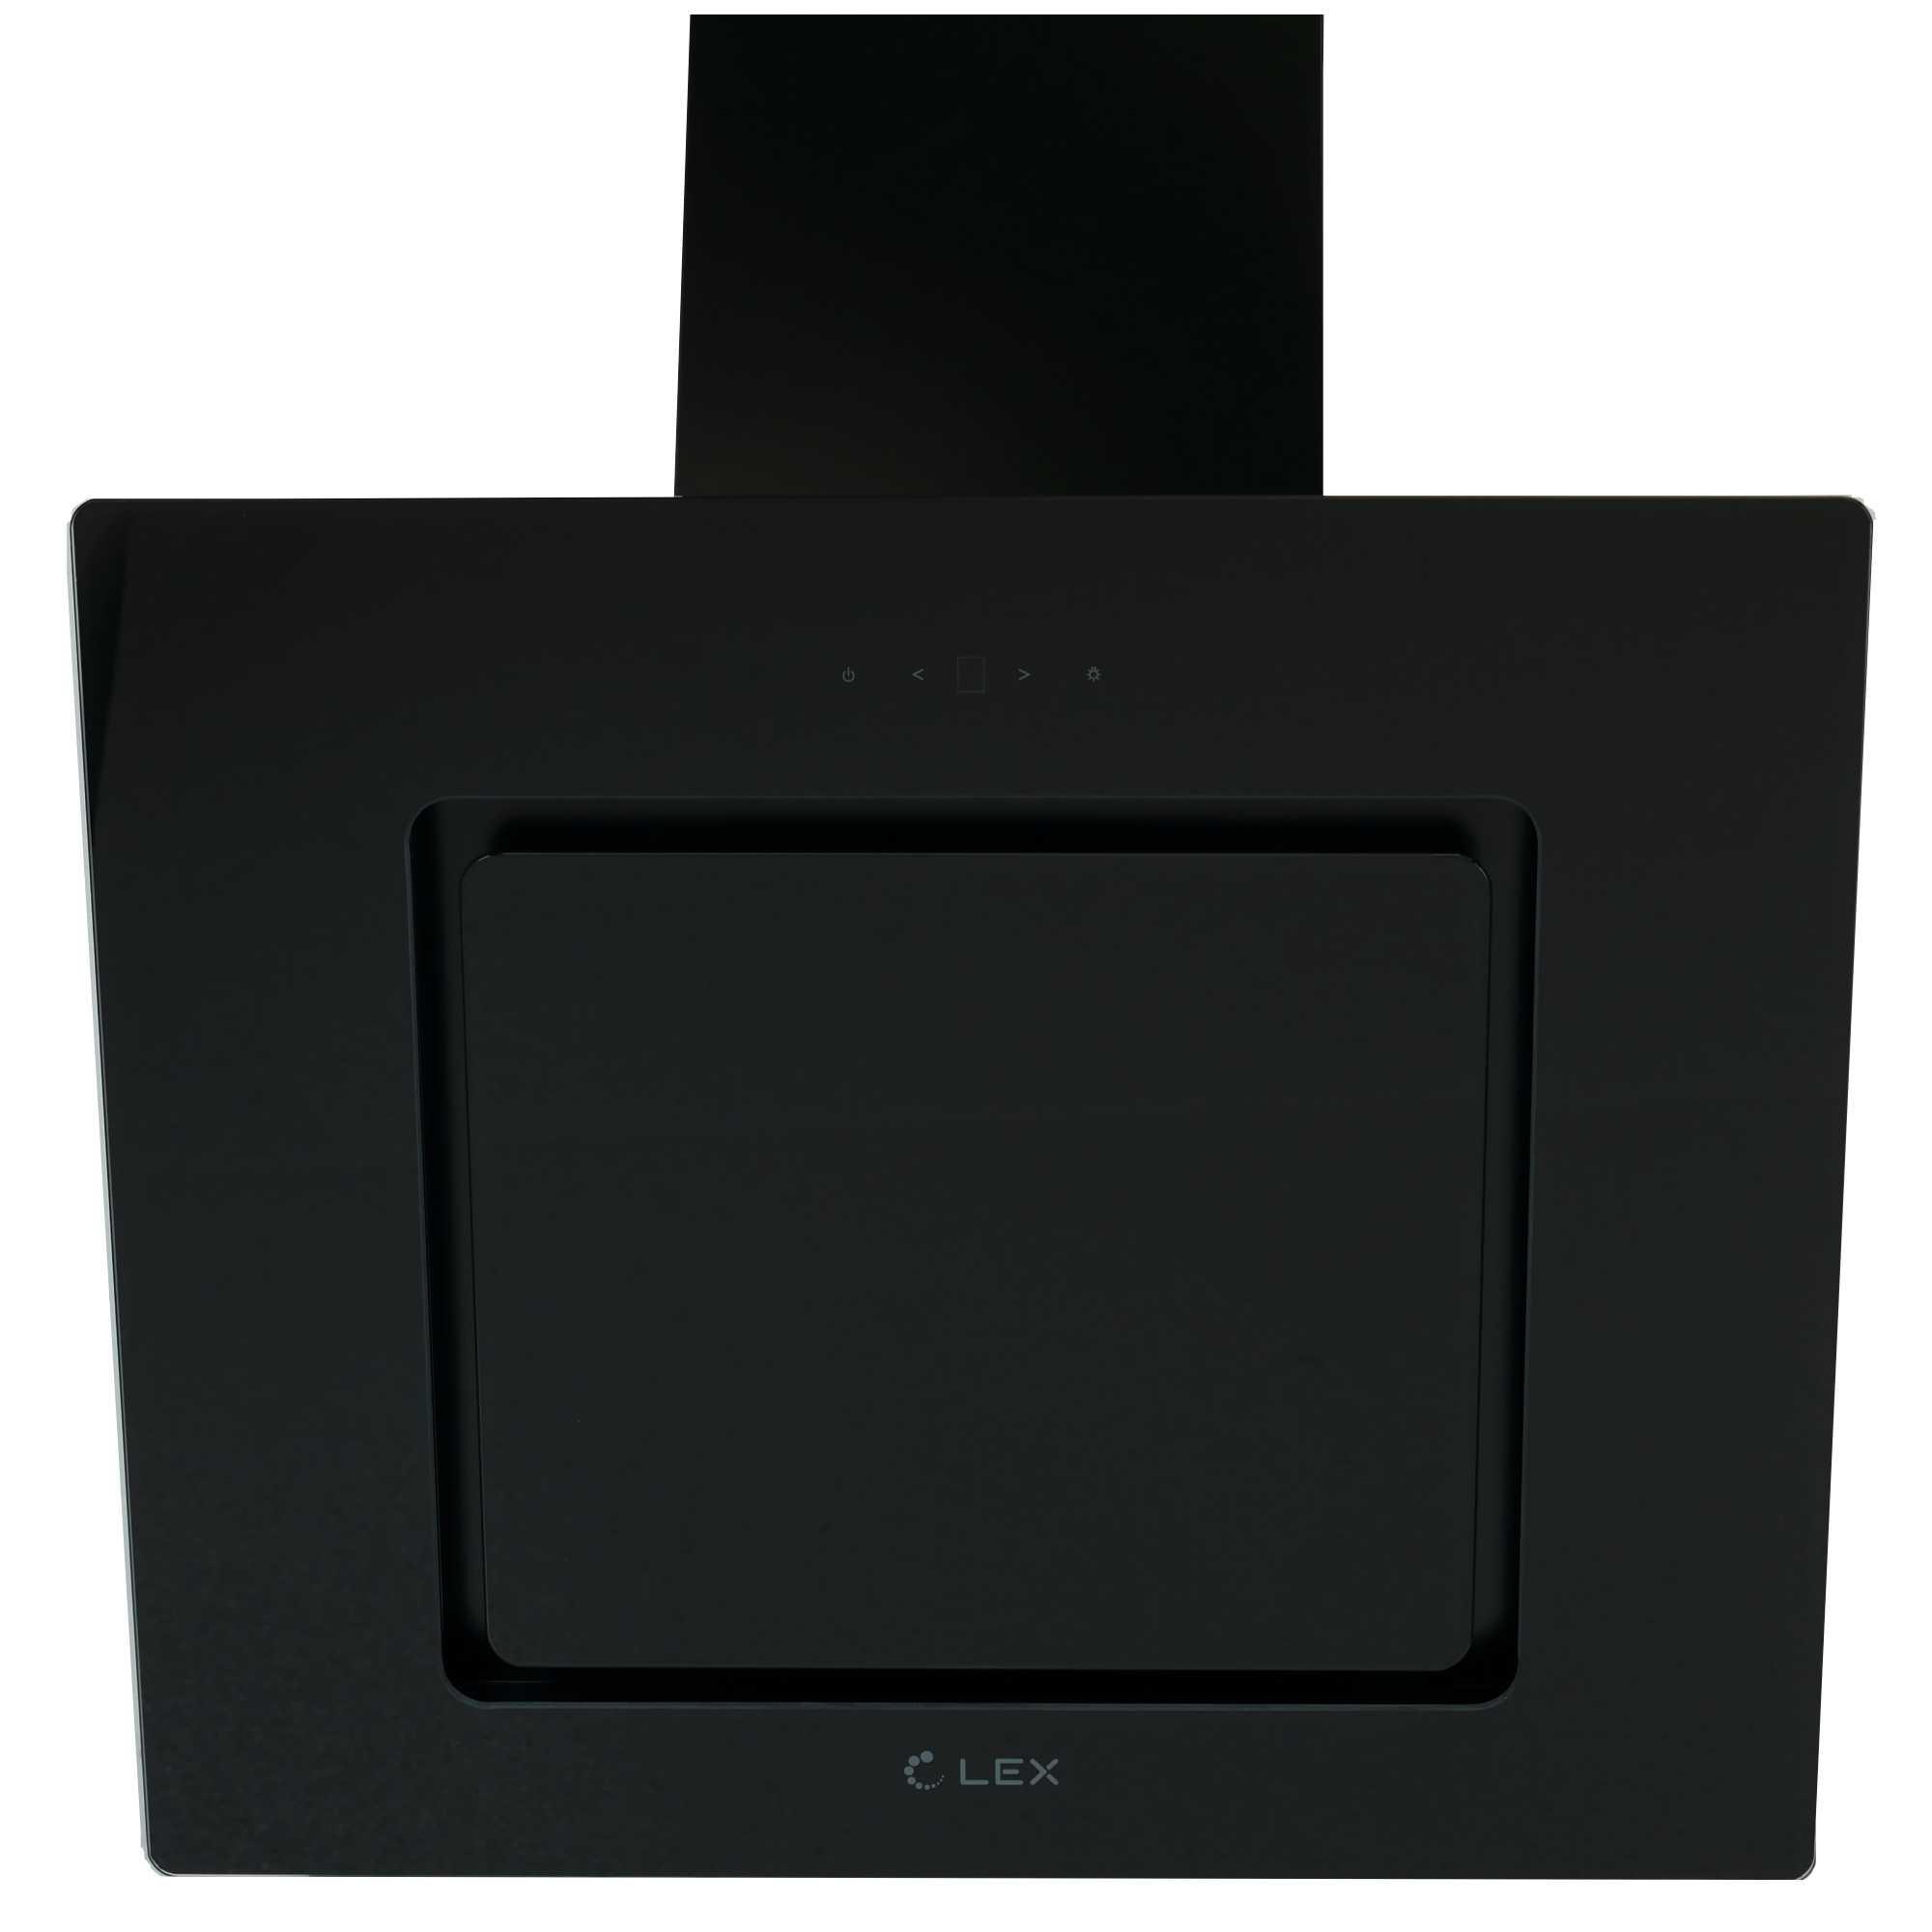 LEX Luna 600 Black